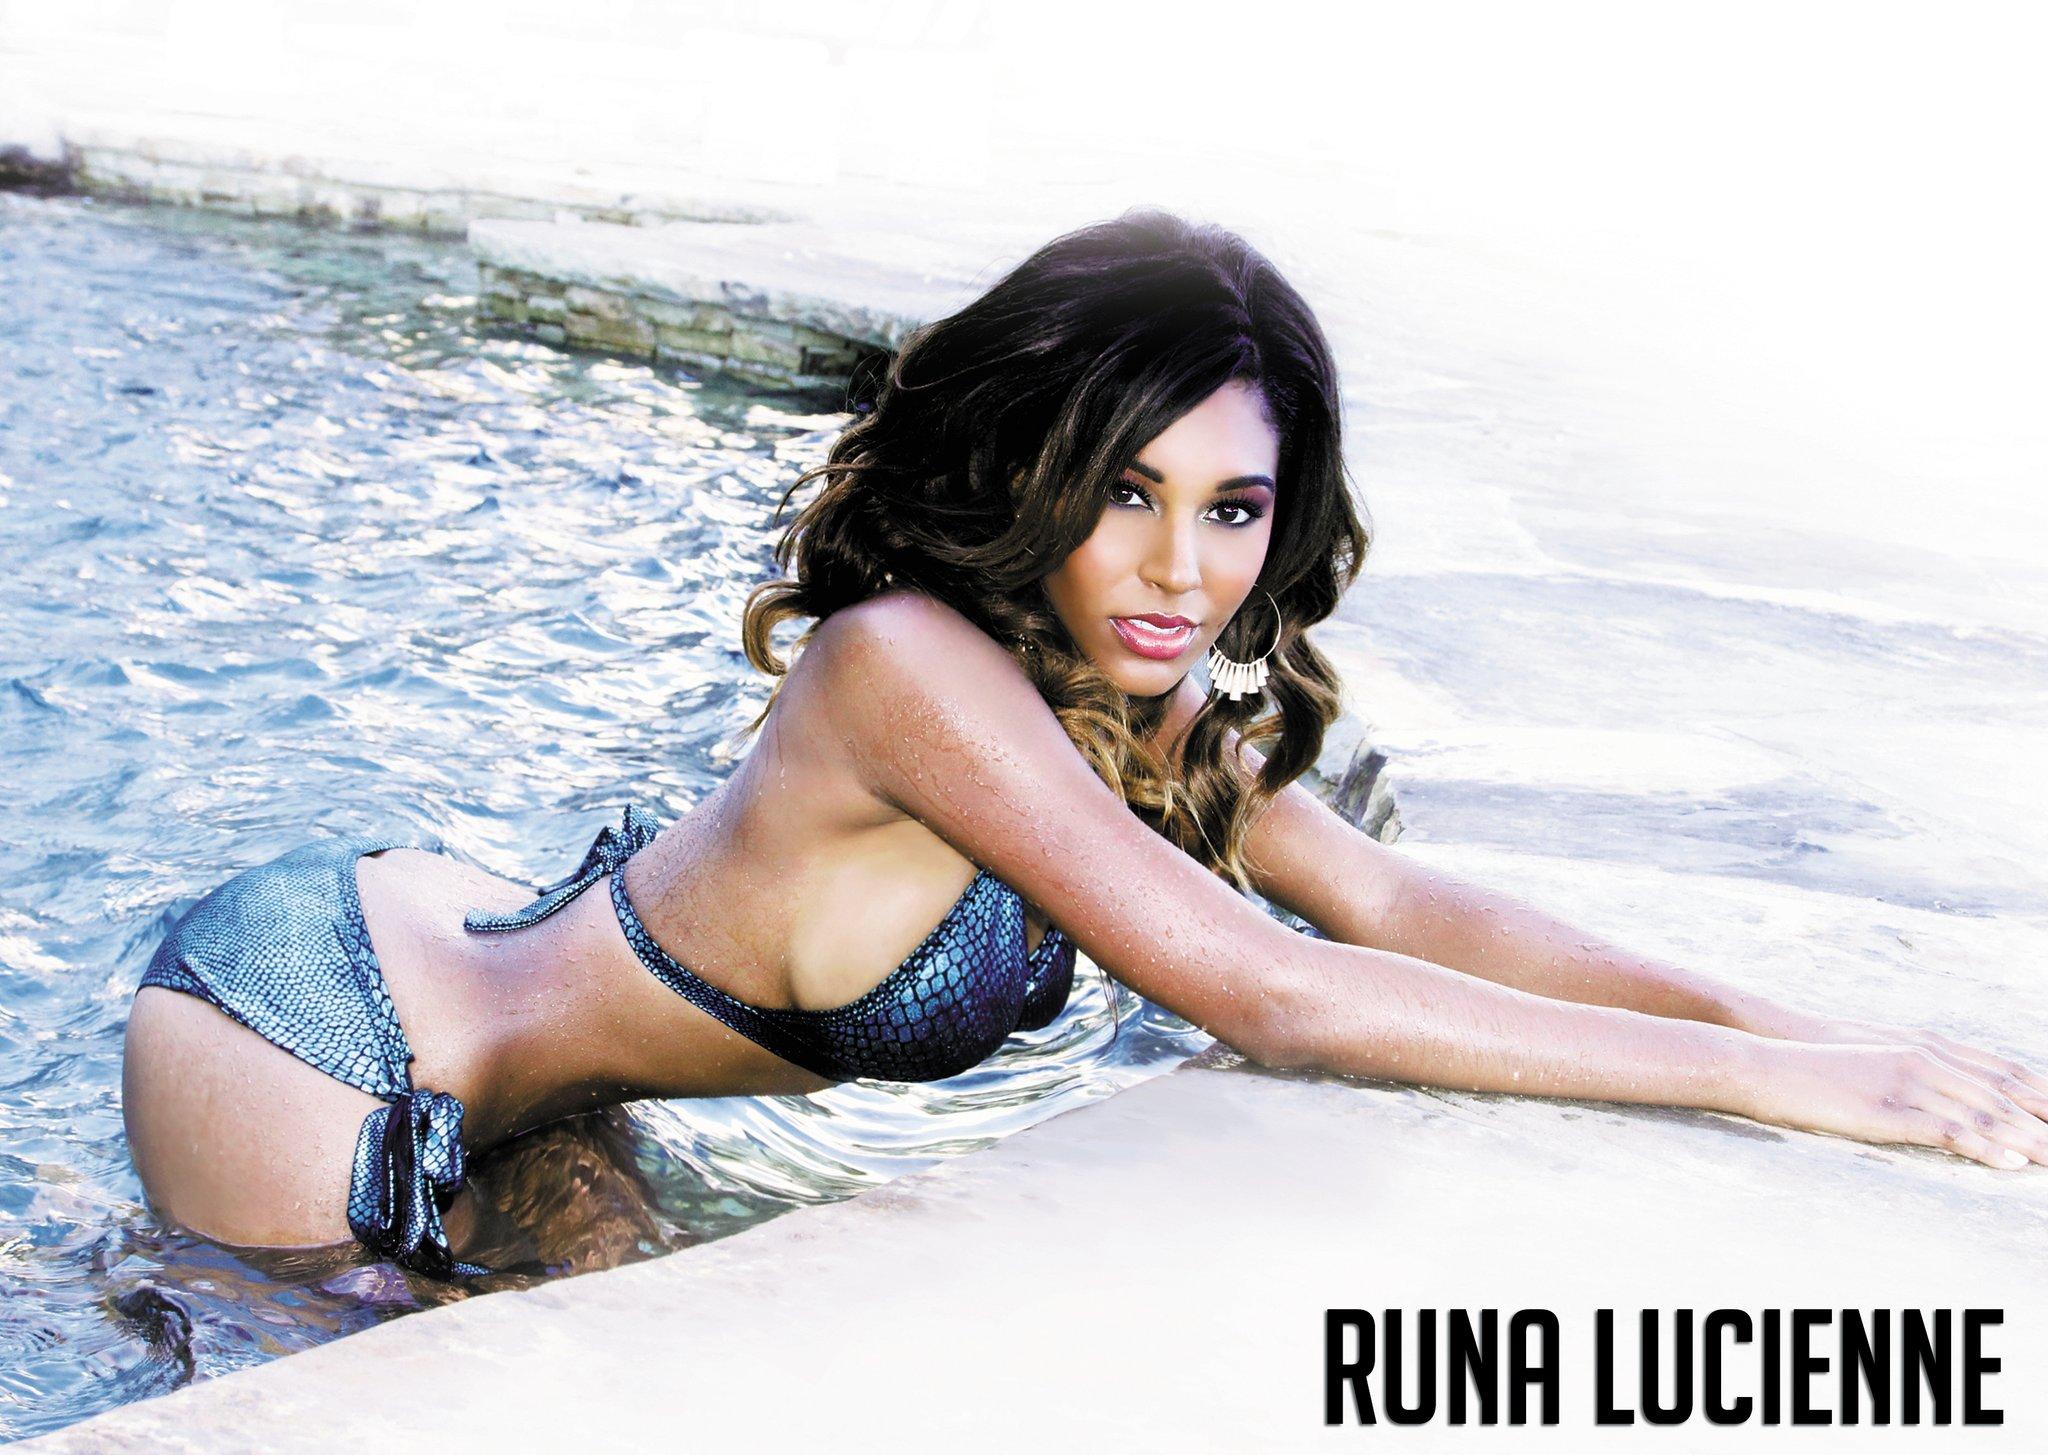 Watch Runa Lucienne video